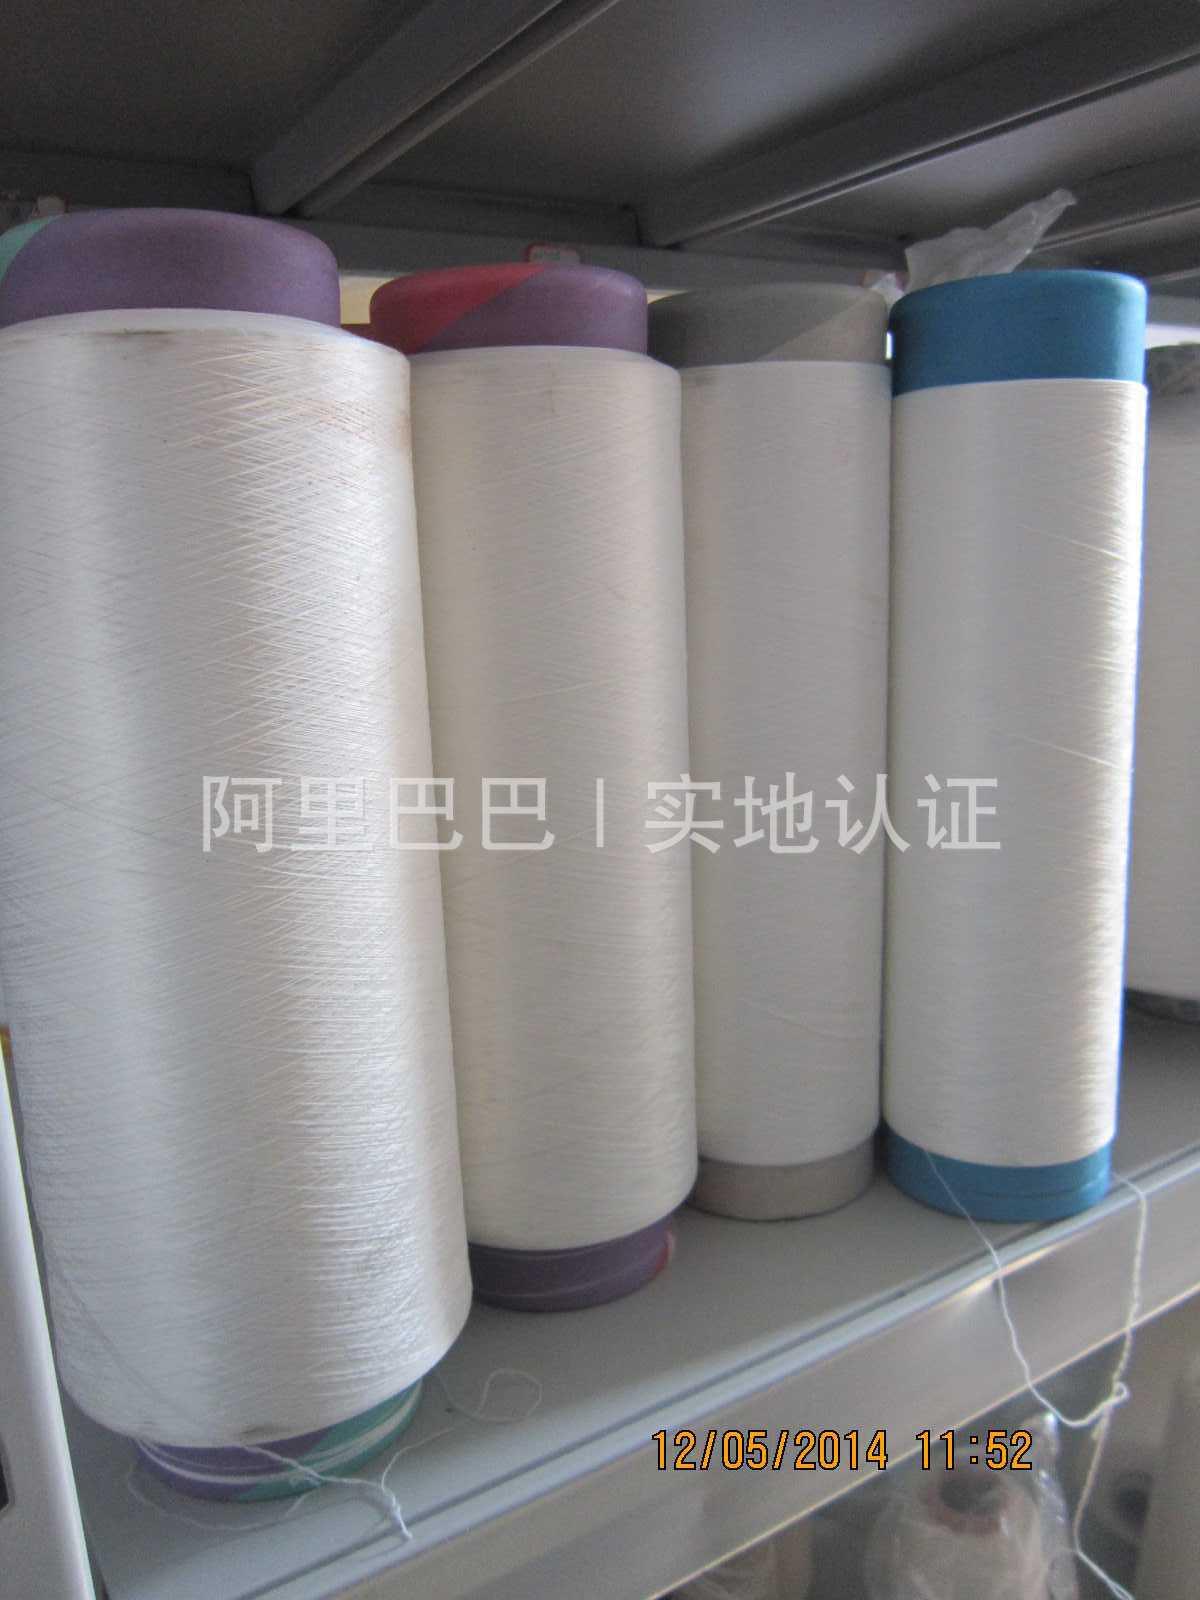 创曦新款涤纶短纤供应,针织棉纱价格行情